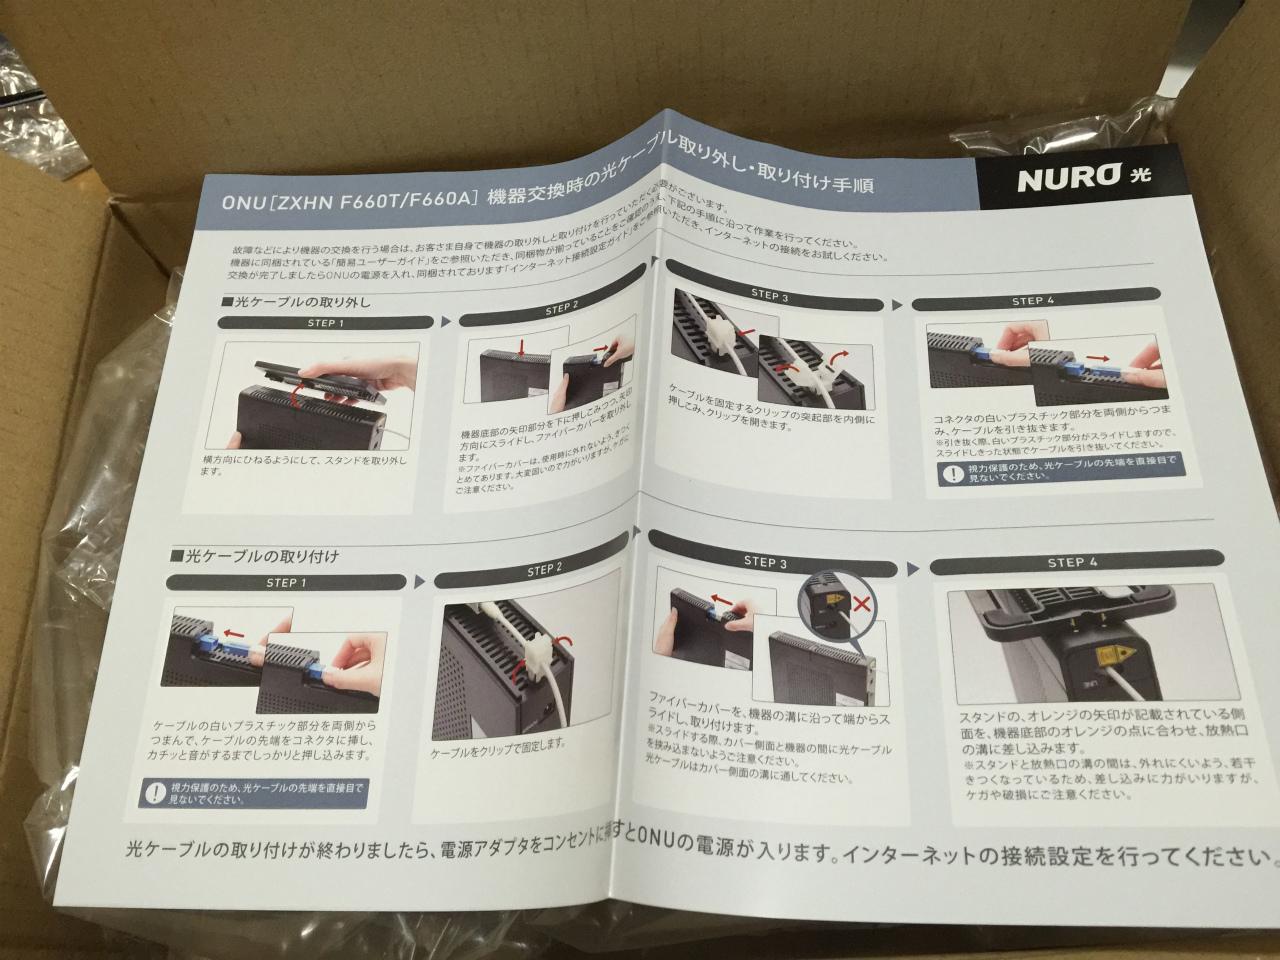 NURO_11ac_03